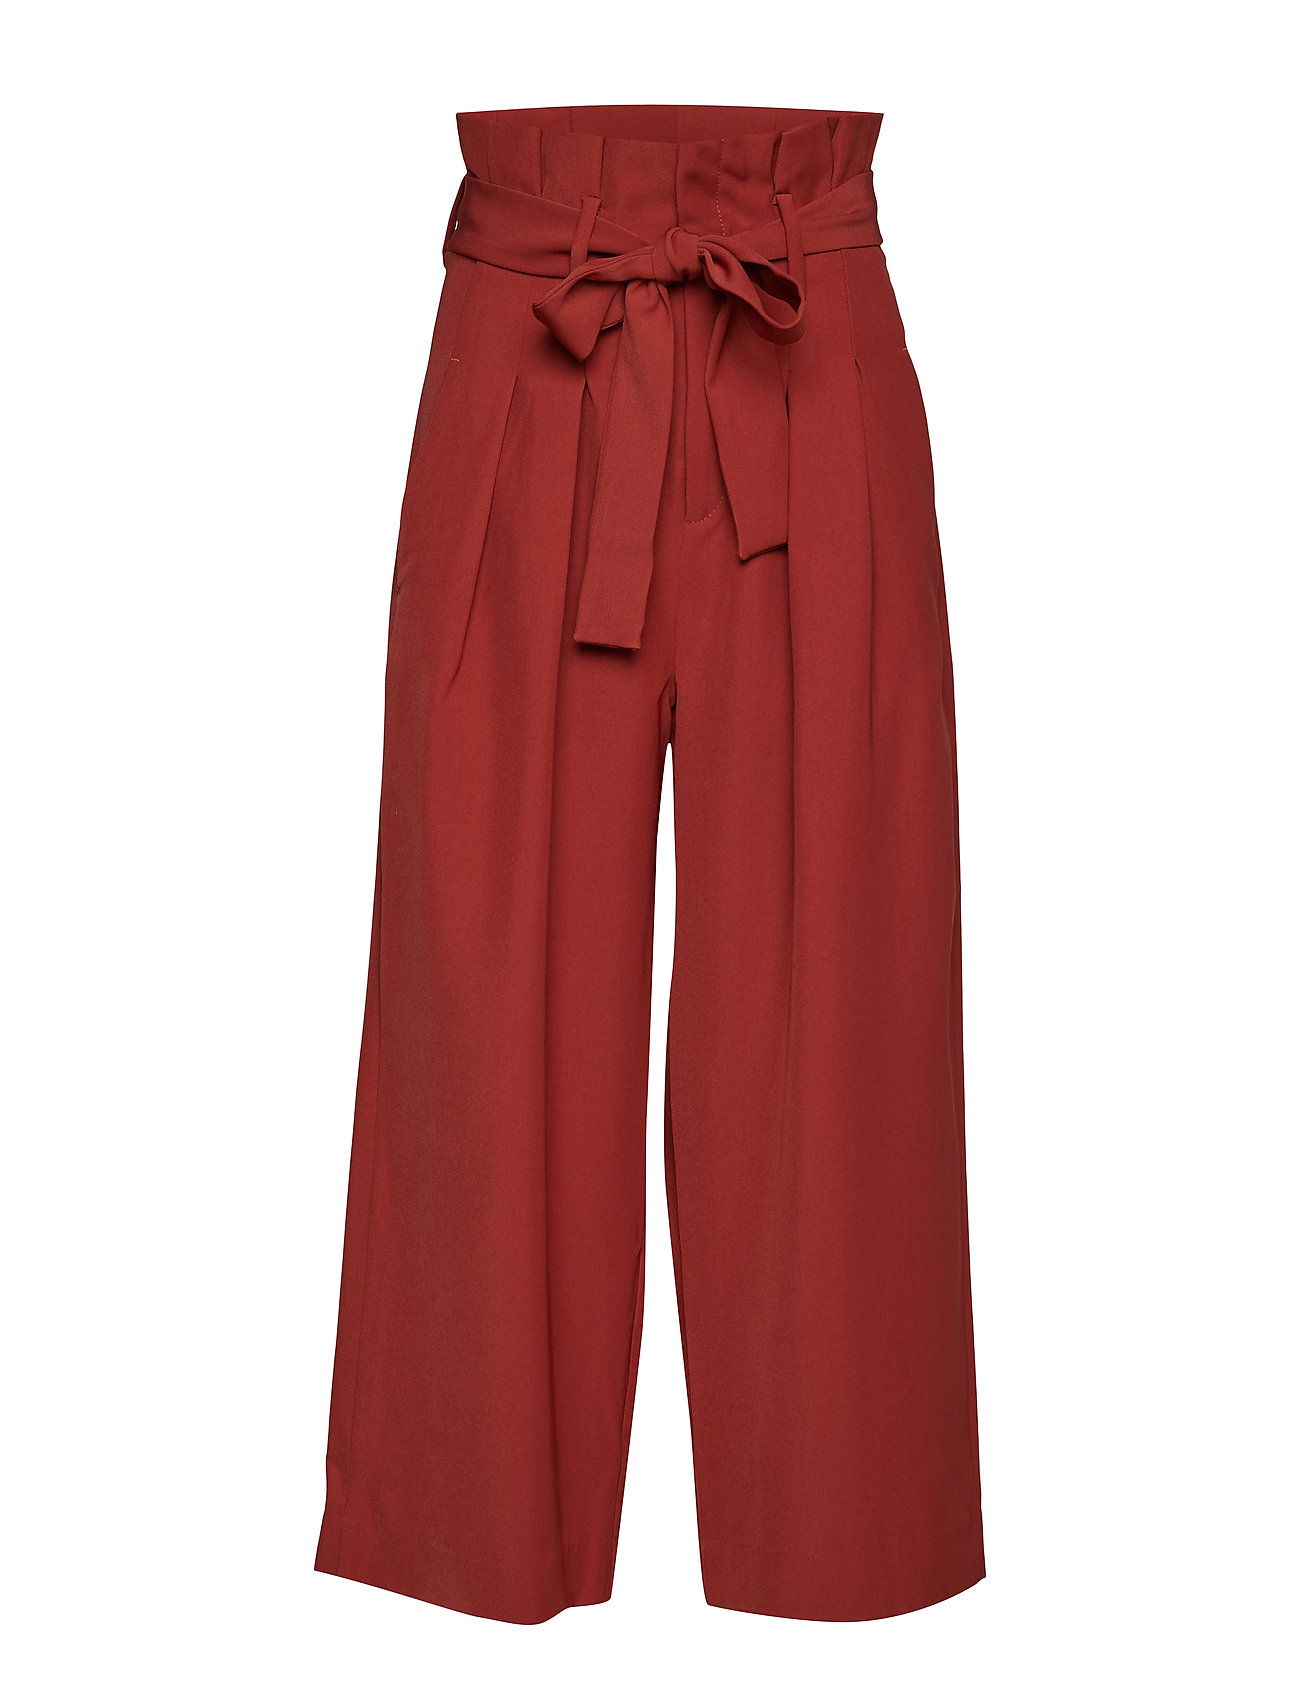 Caraiw Caraiw BrownInwear Culotte Pantrusset Culotte BrownInwear Pantrusset 9WDEH2IY